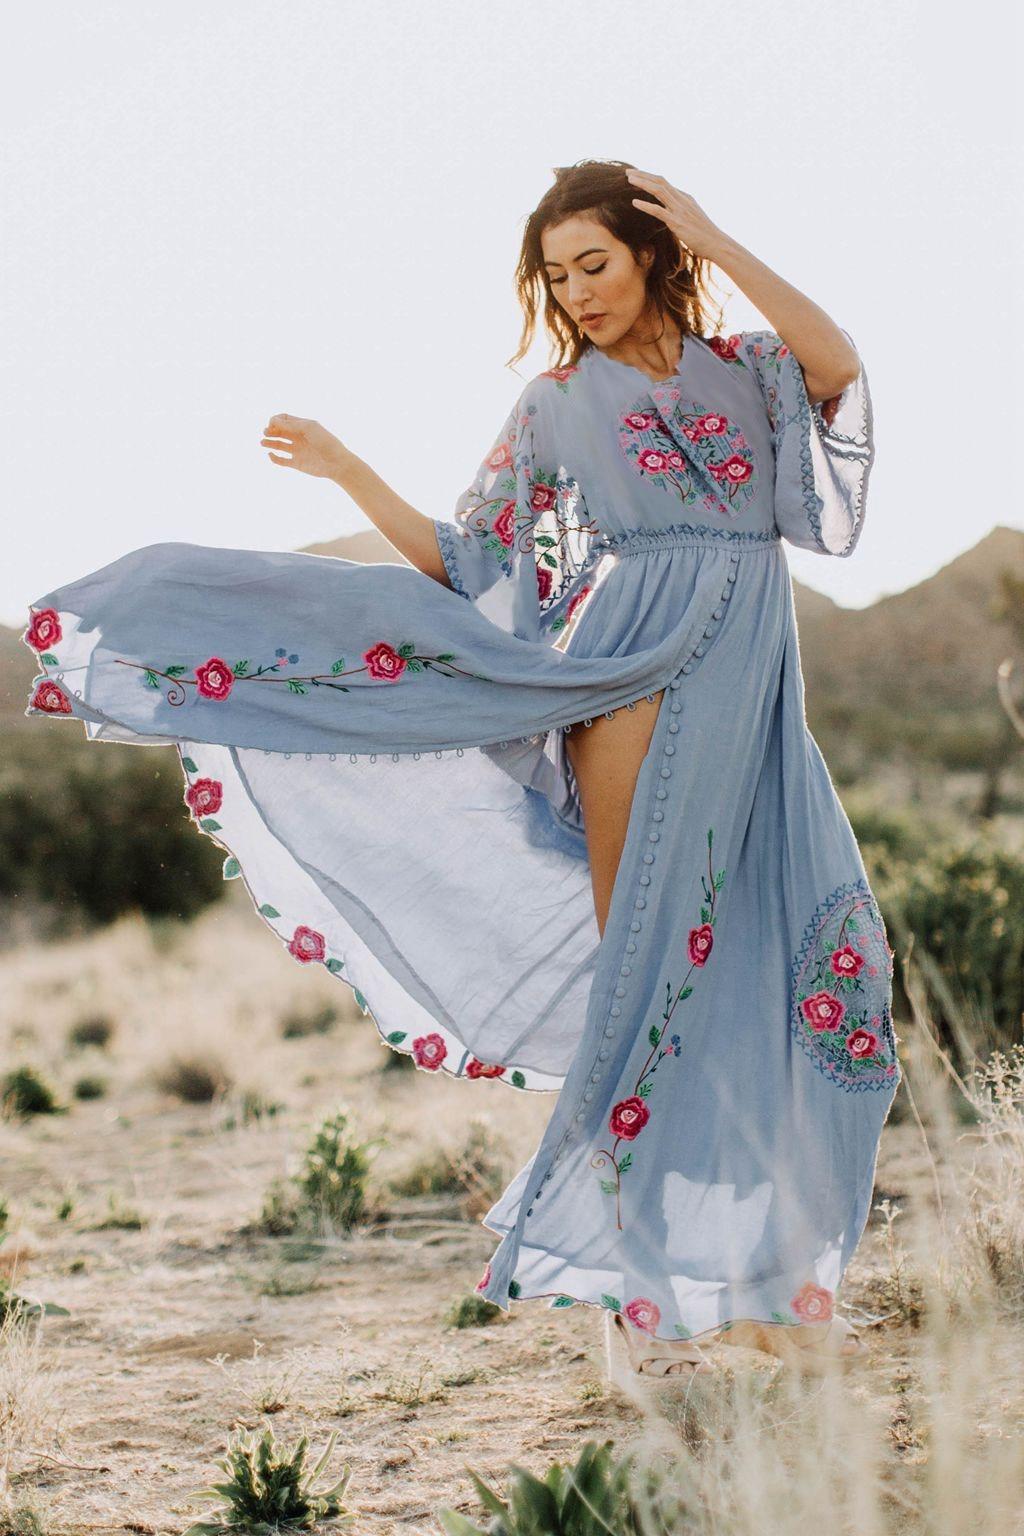 Été Boho Robe de broderie florale couleur unie longue Robe fendue décontracté bohème femme Robe de plage